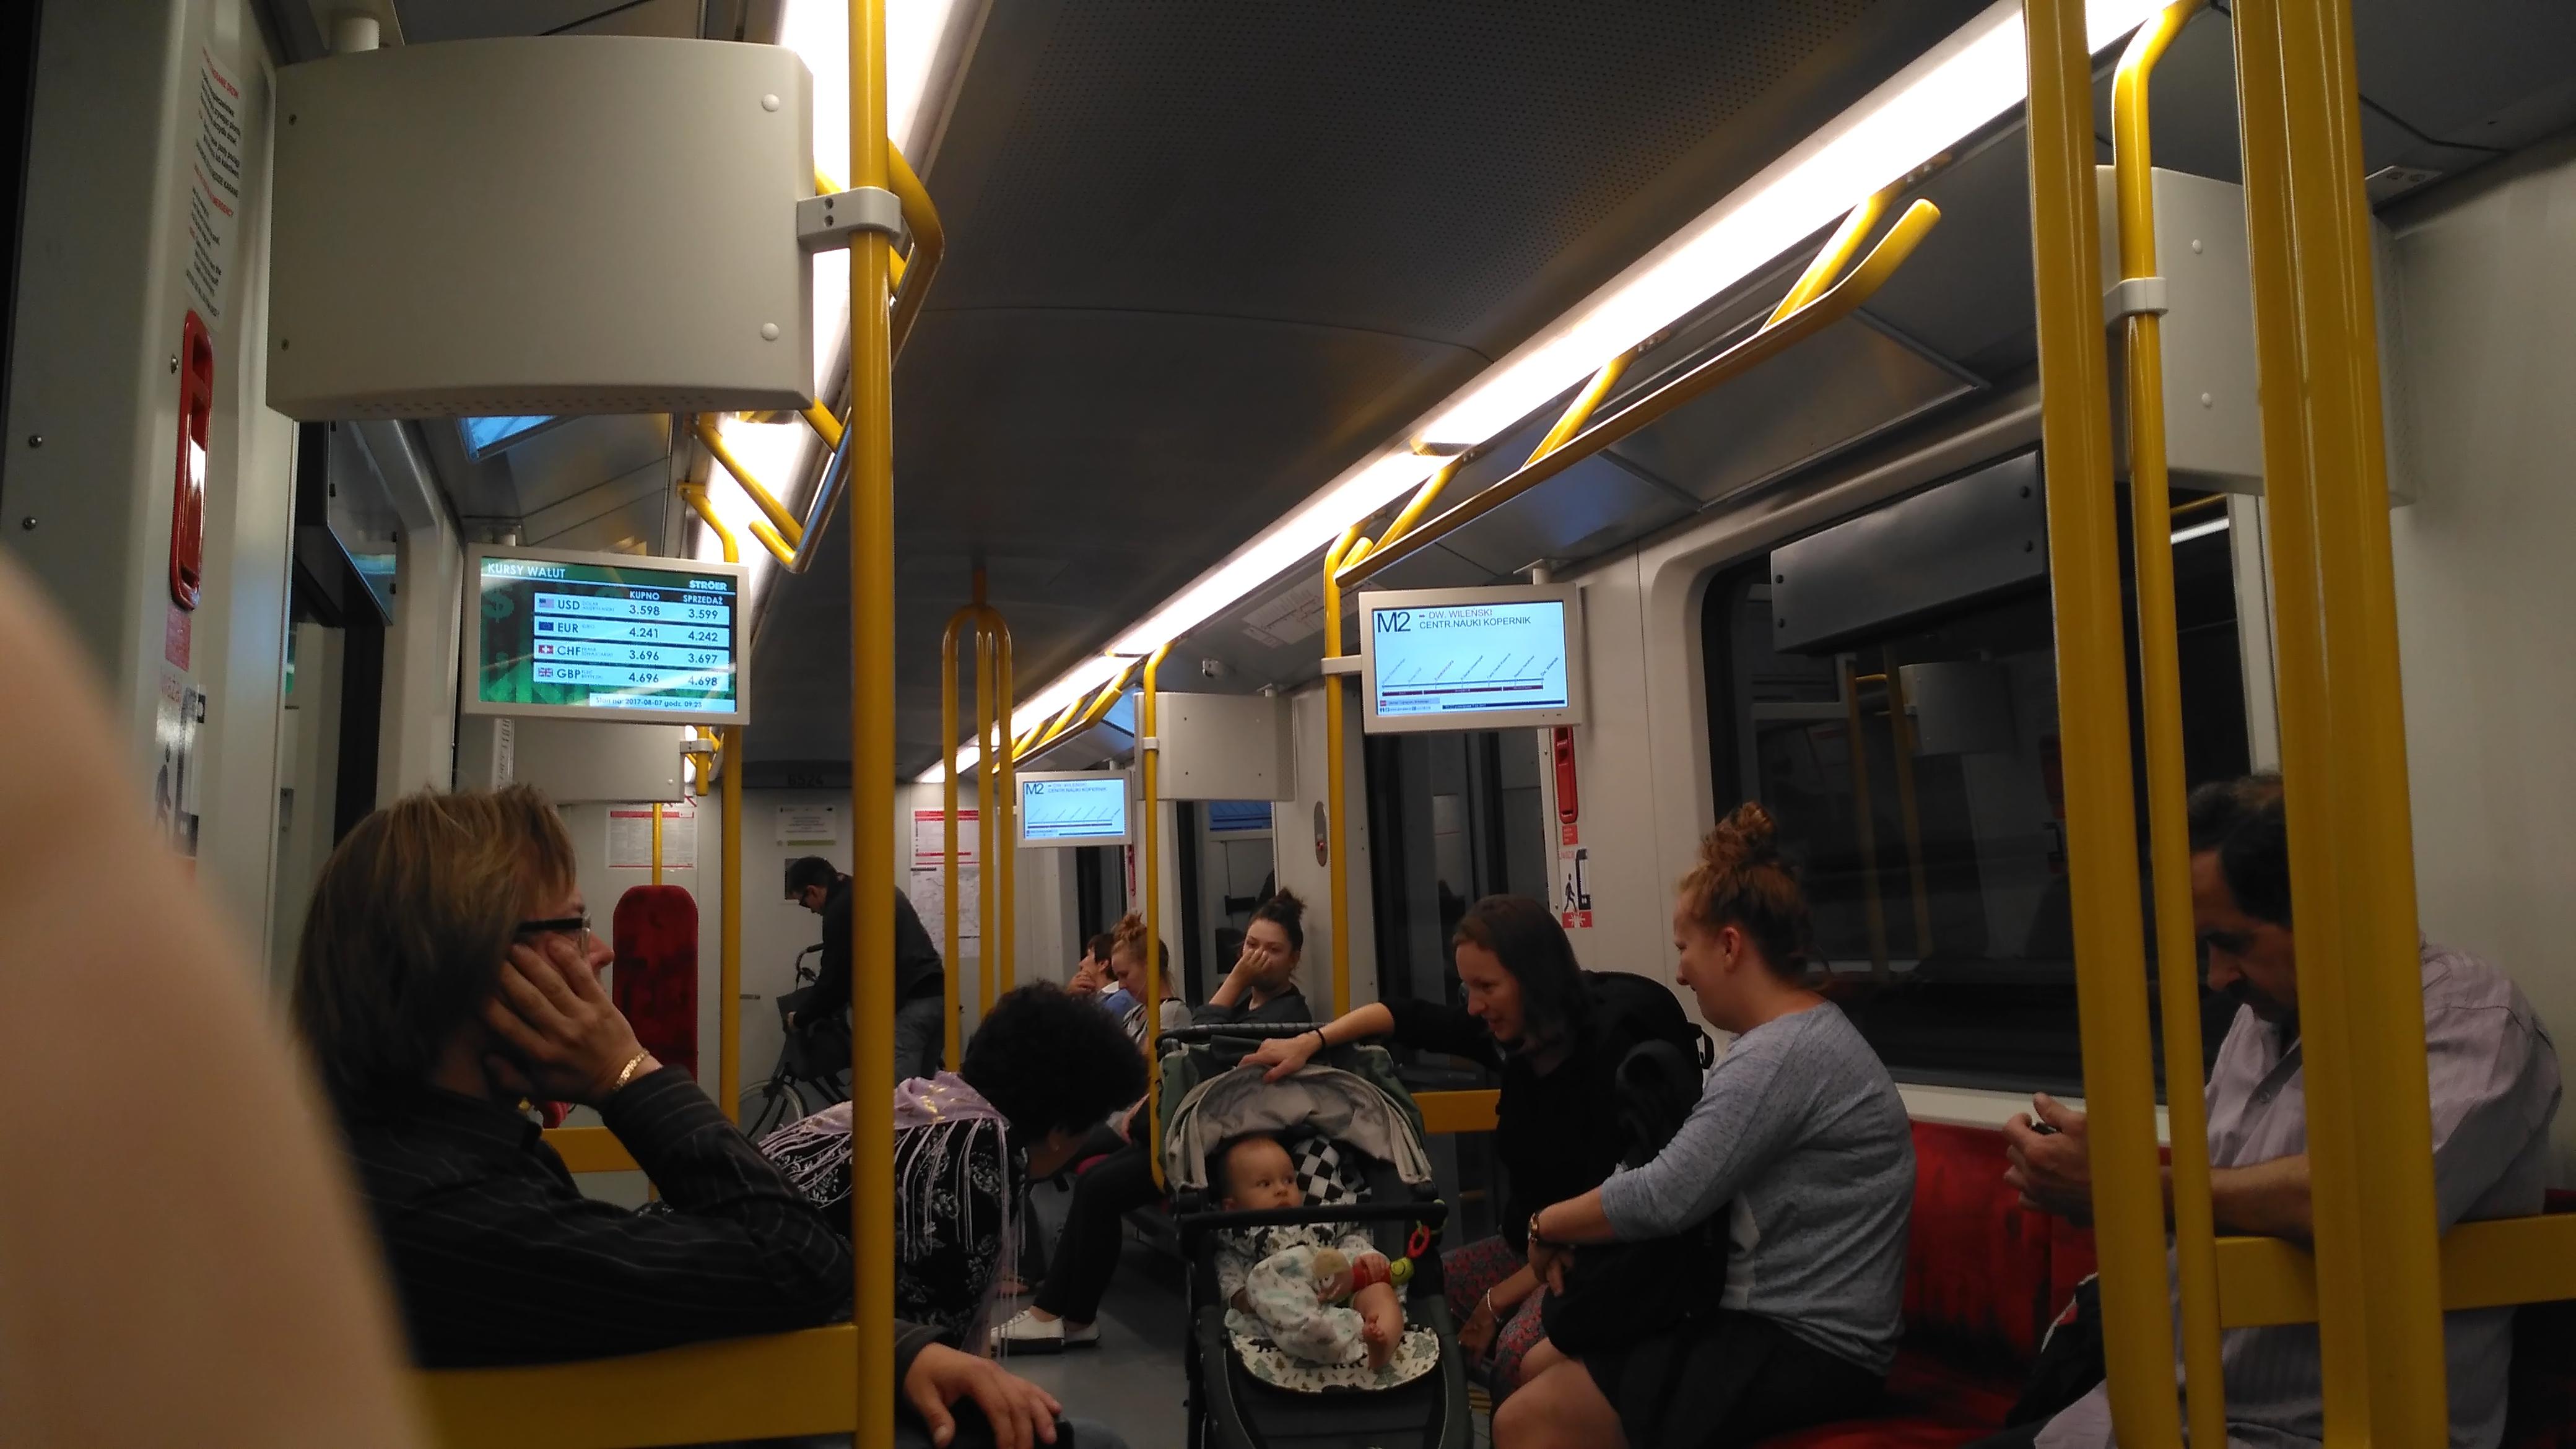 Экраны в старых вагонах метро